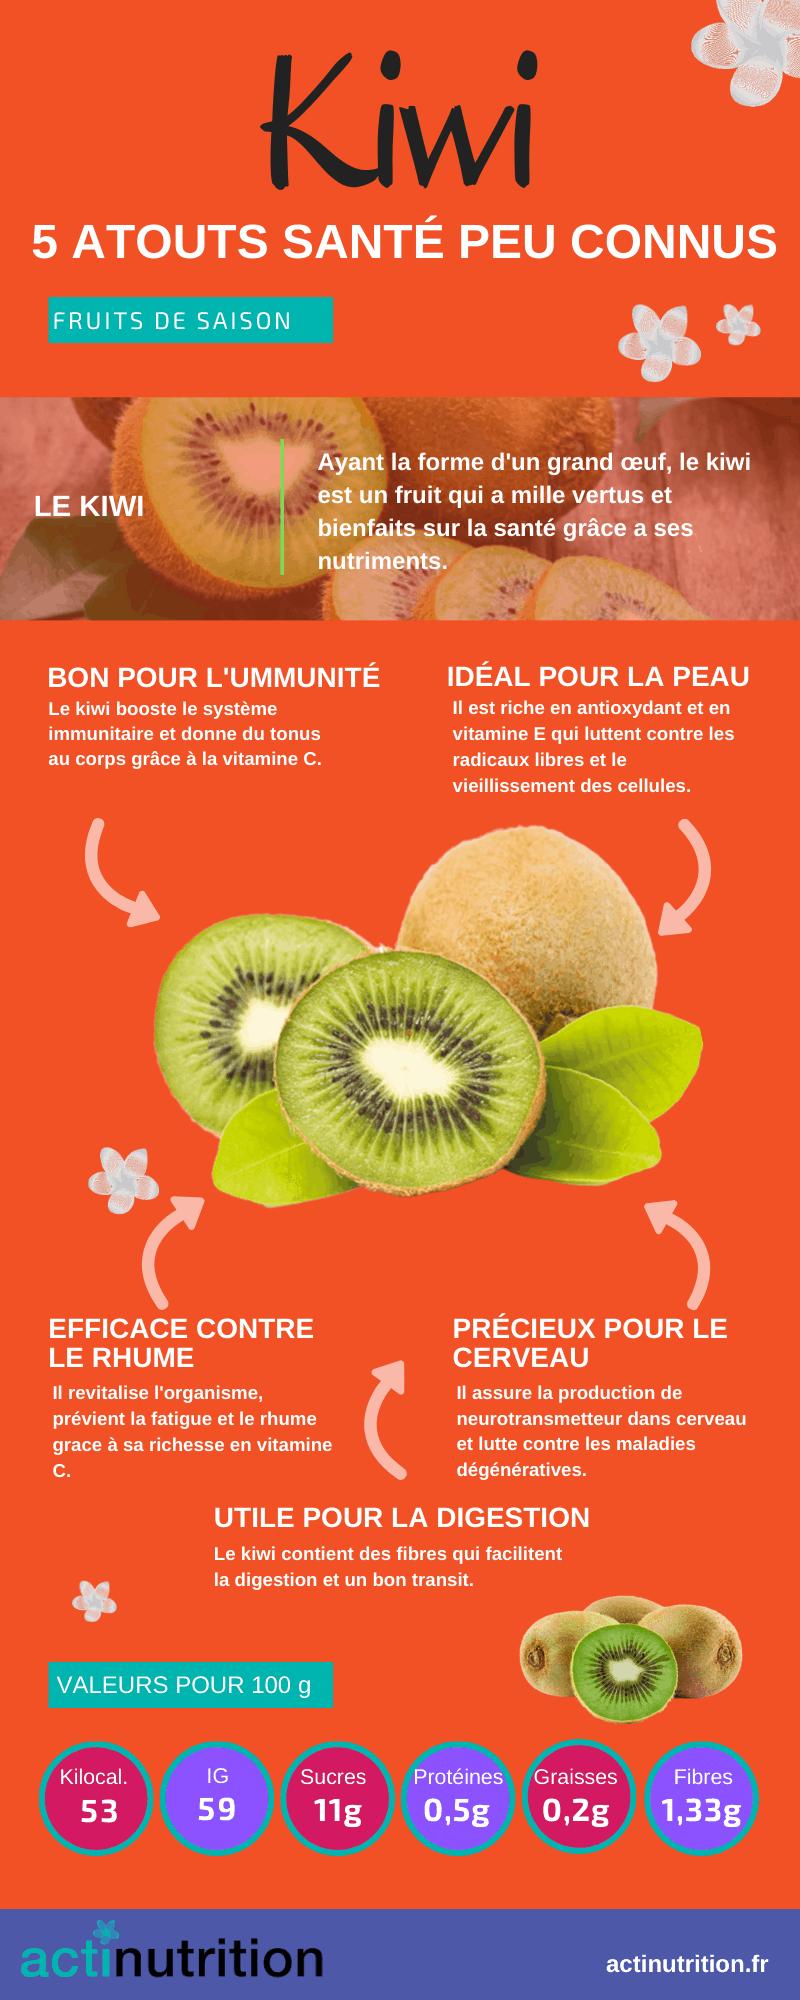 L'infographie sur les bienfaits du kiwi